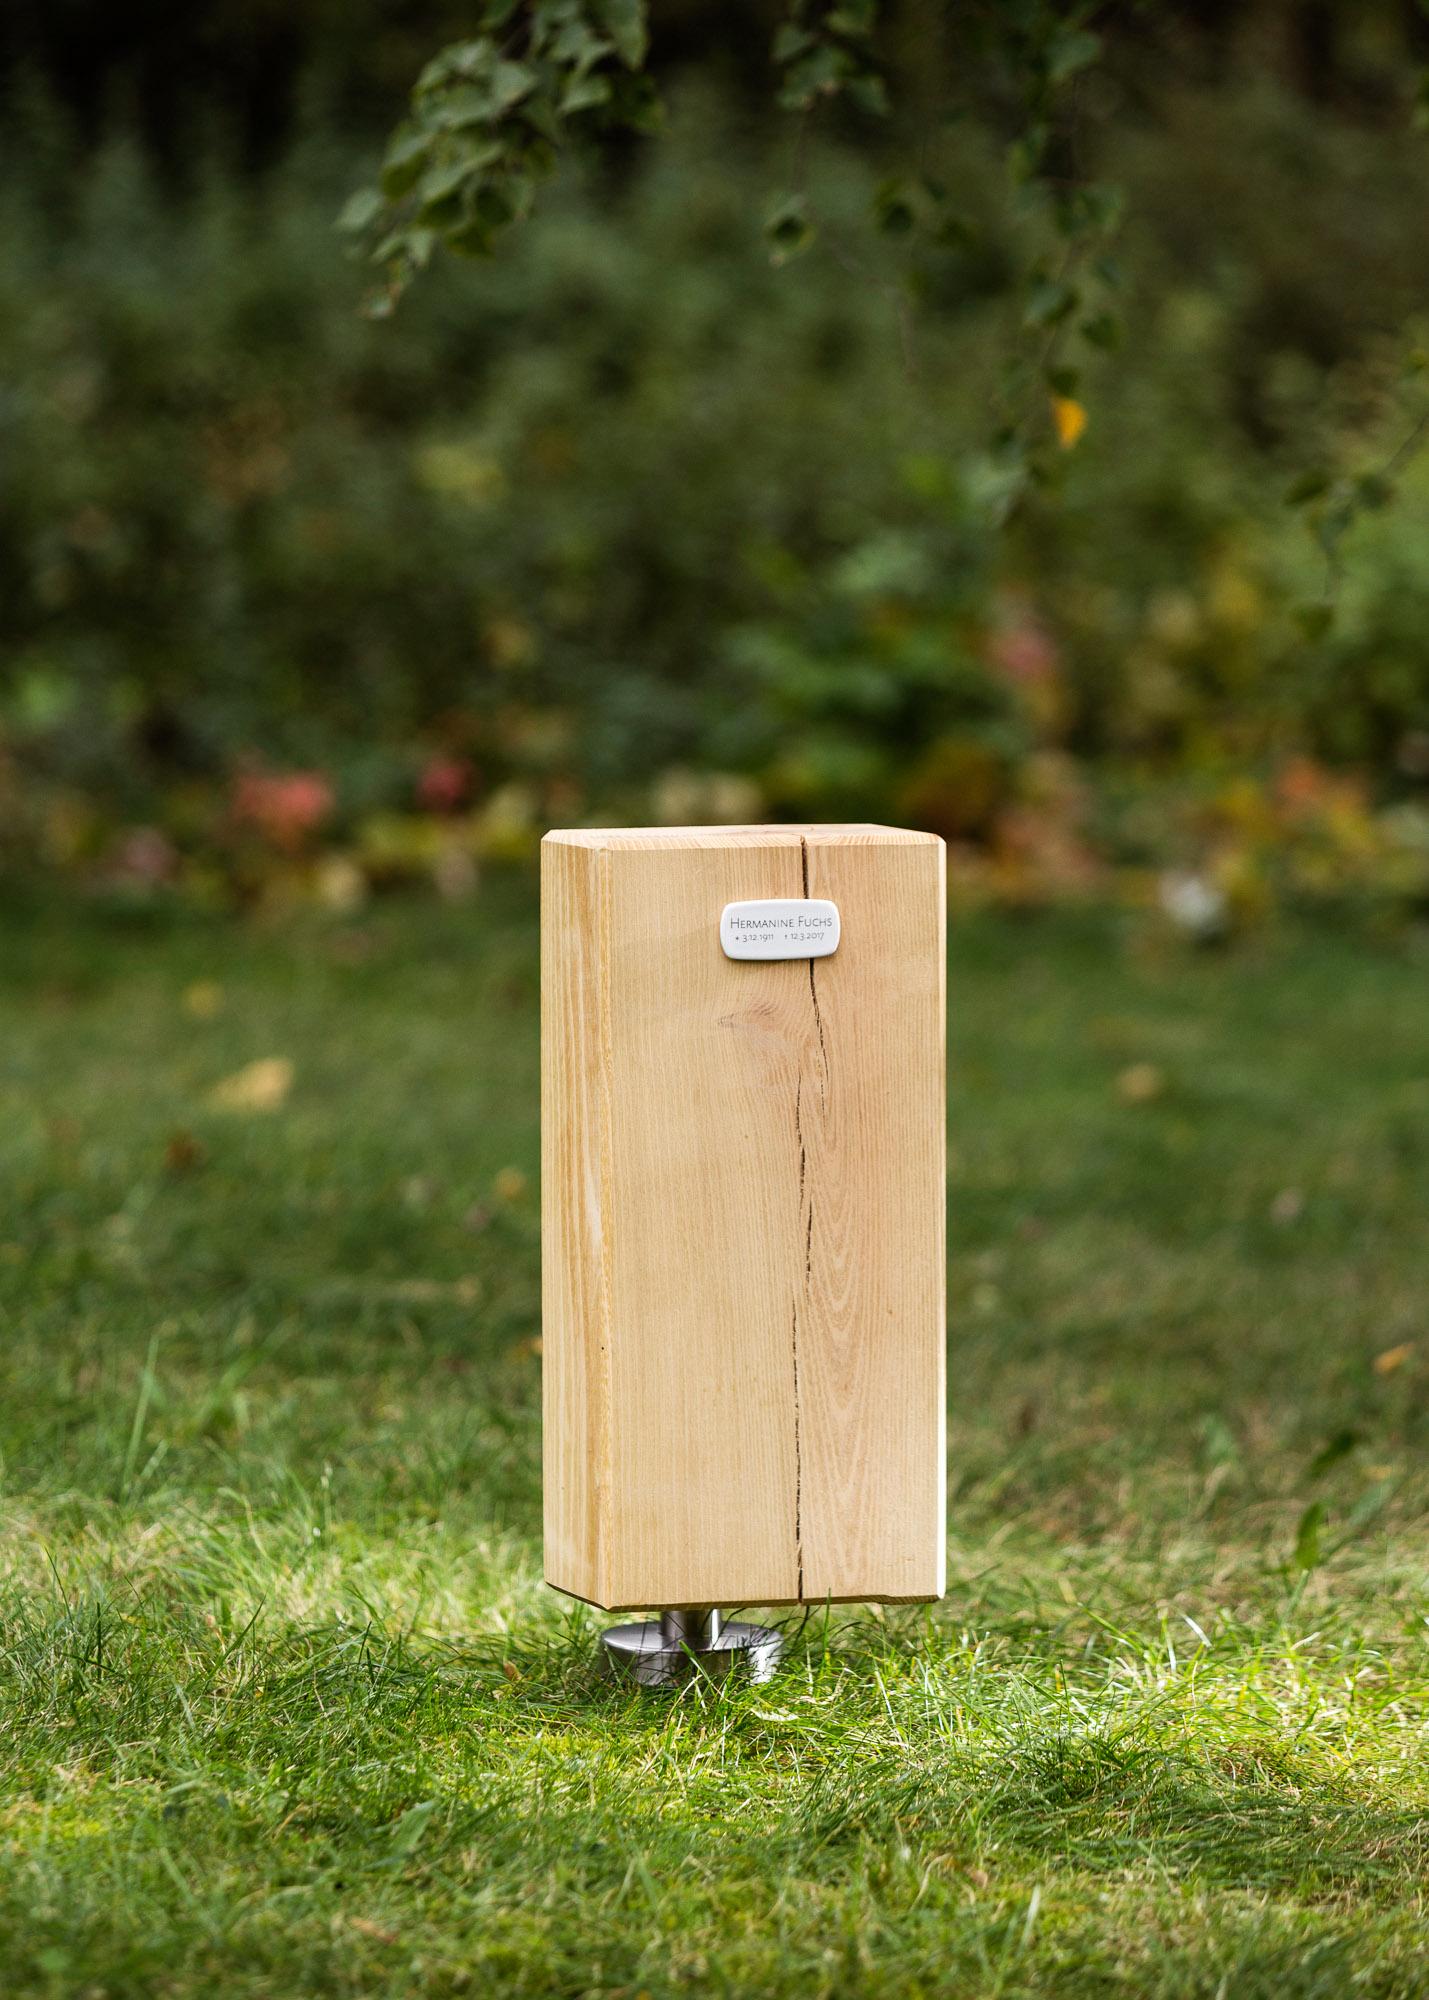 Holzblock Emaille-Schild als Alternative zum Grabstein für Einzelgrabstellen